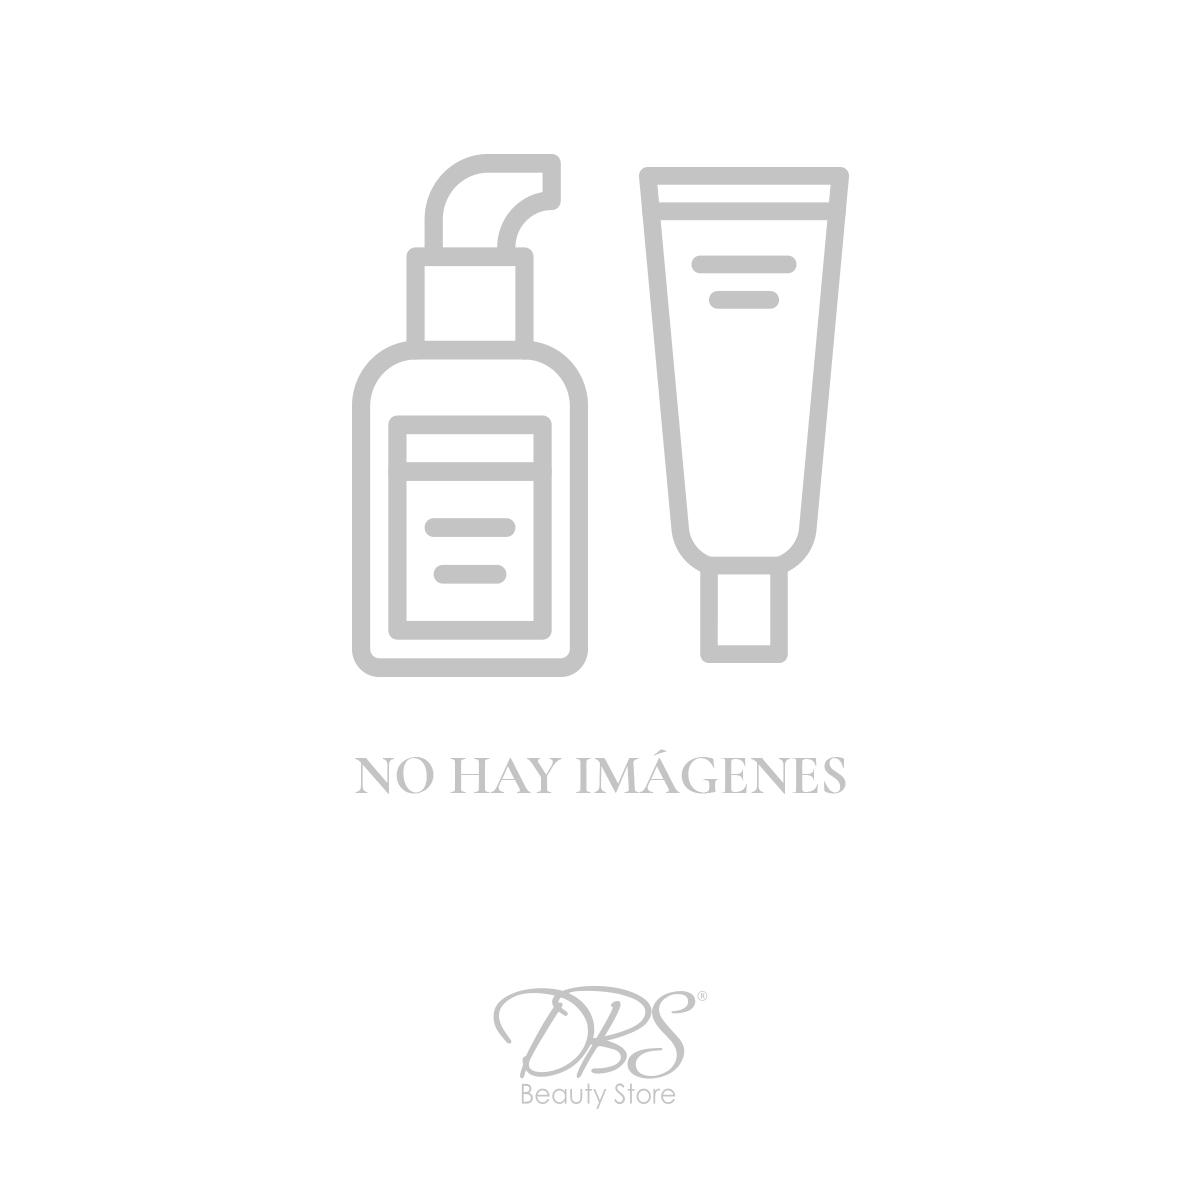 bath-and-body-works-BW-53662.jpg